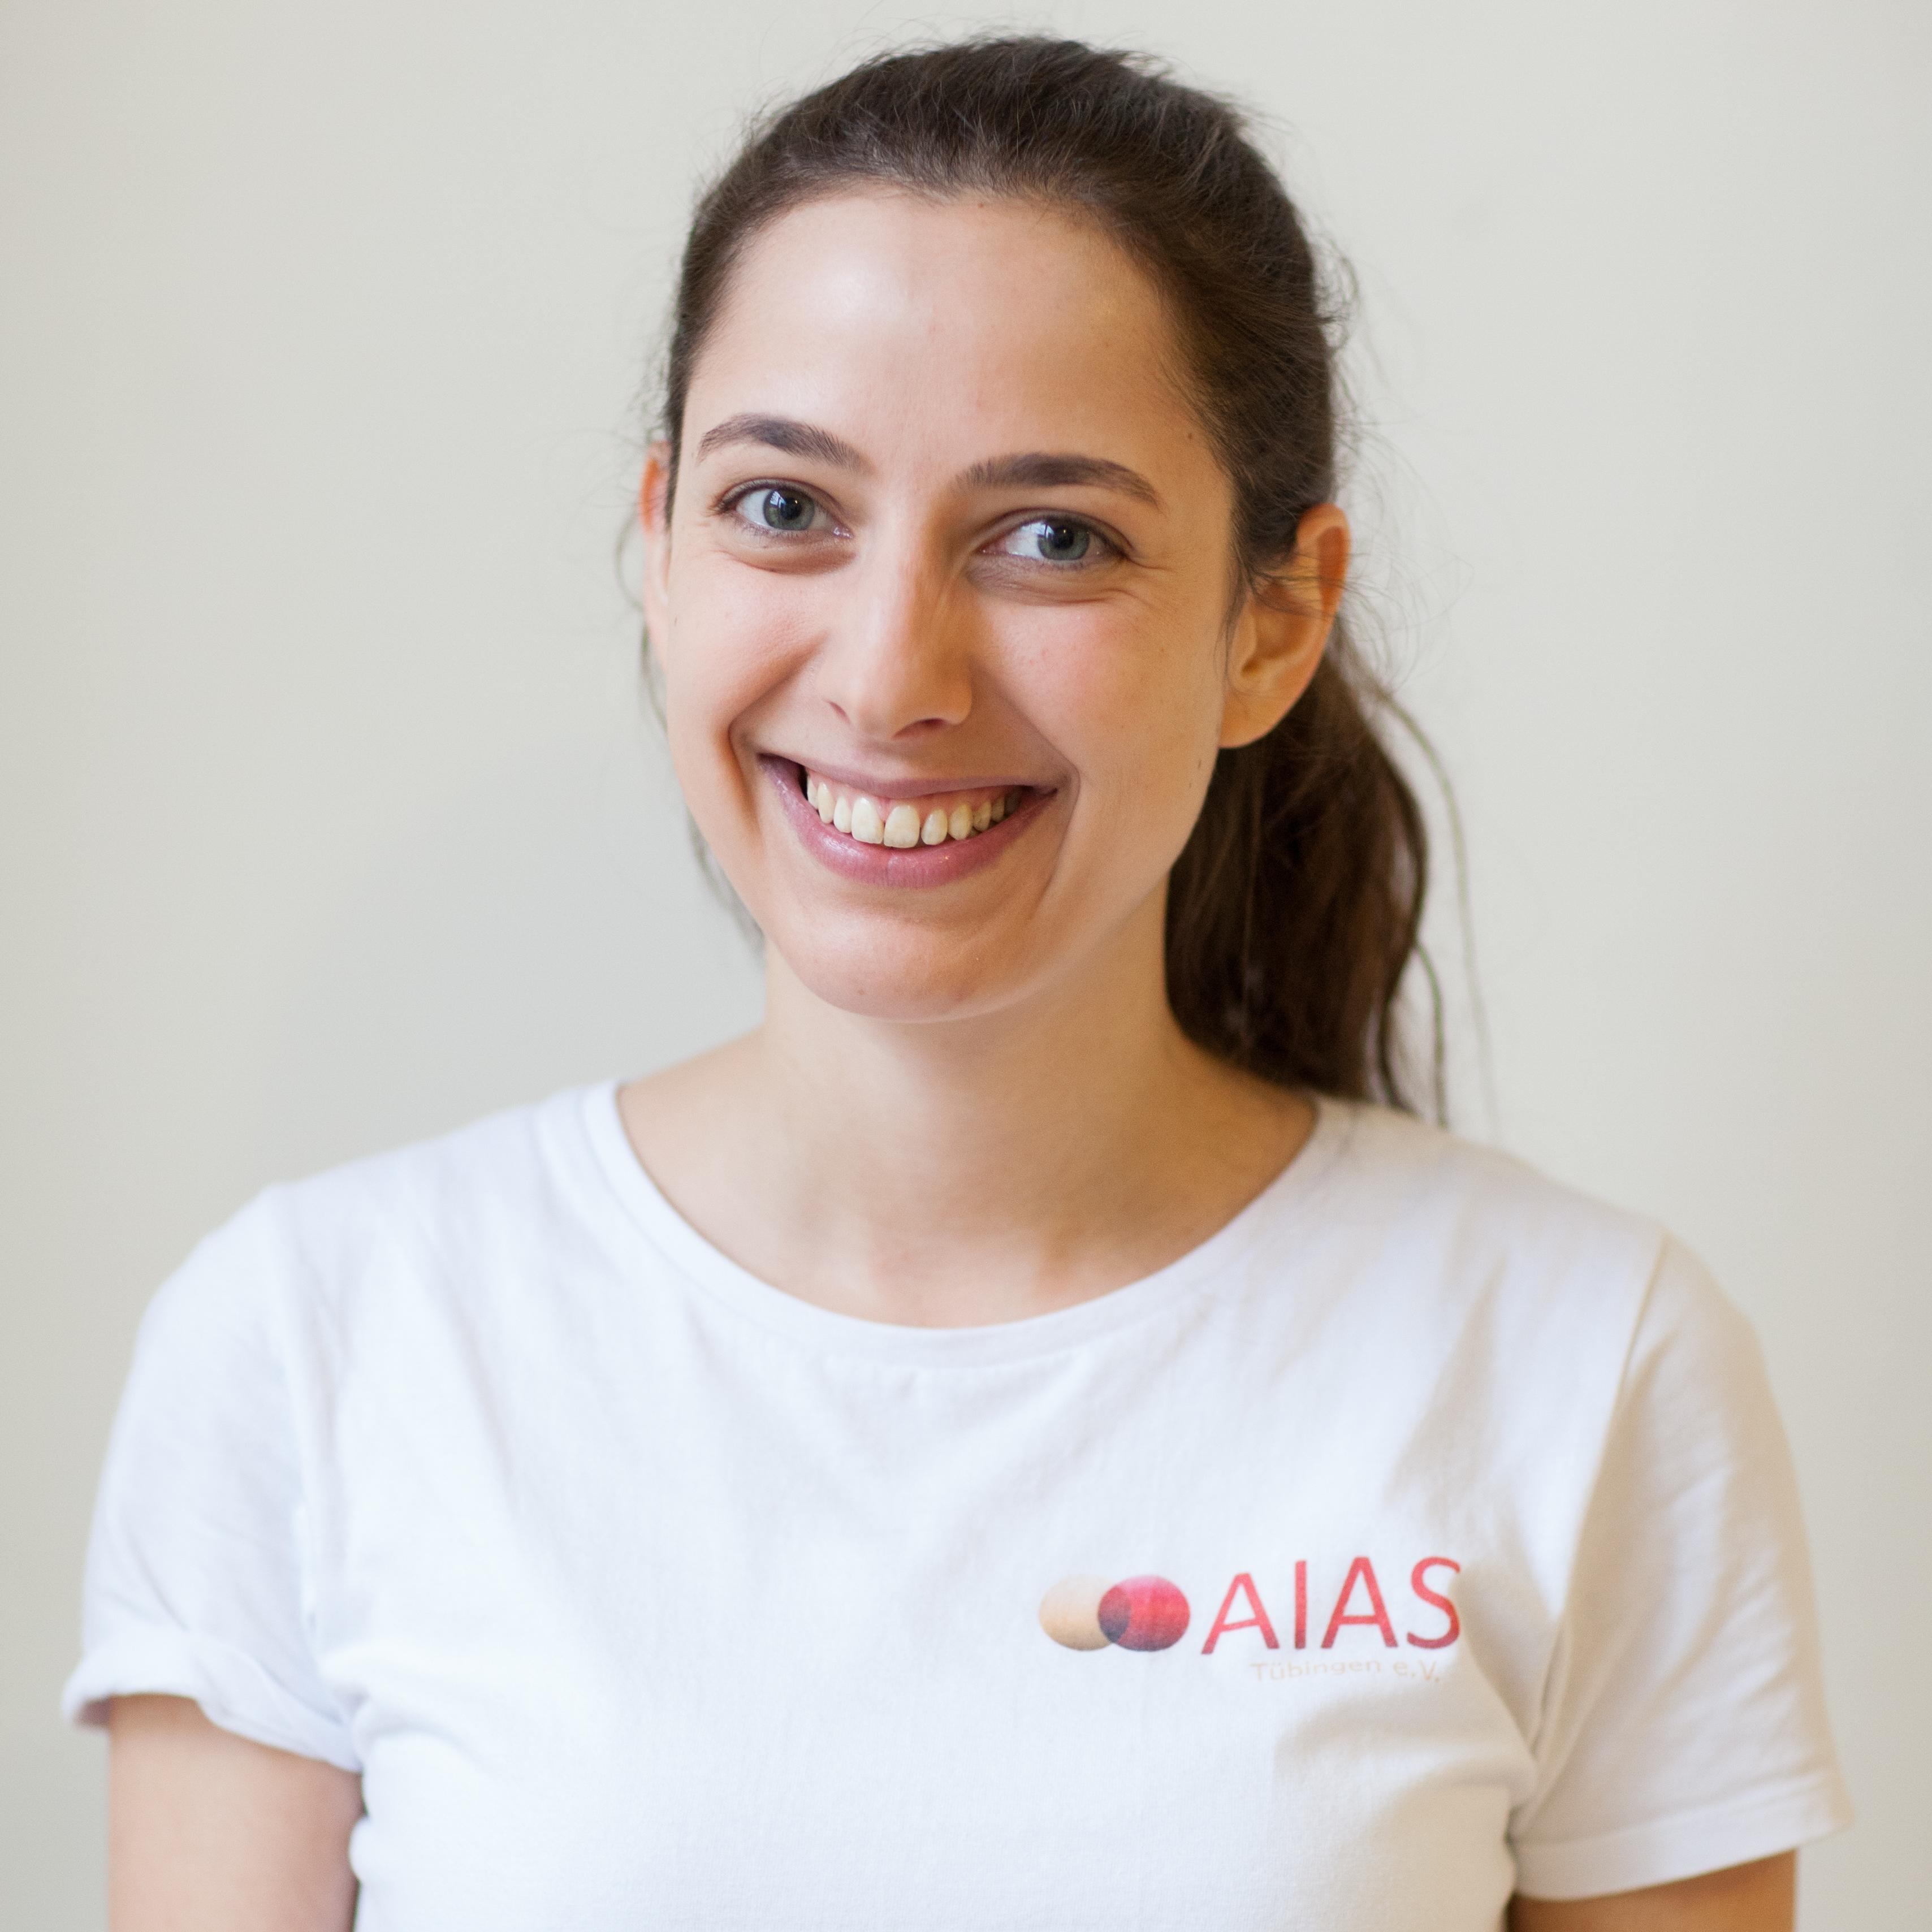 Anna Kehrer